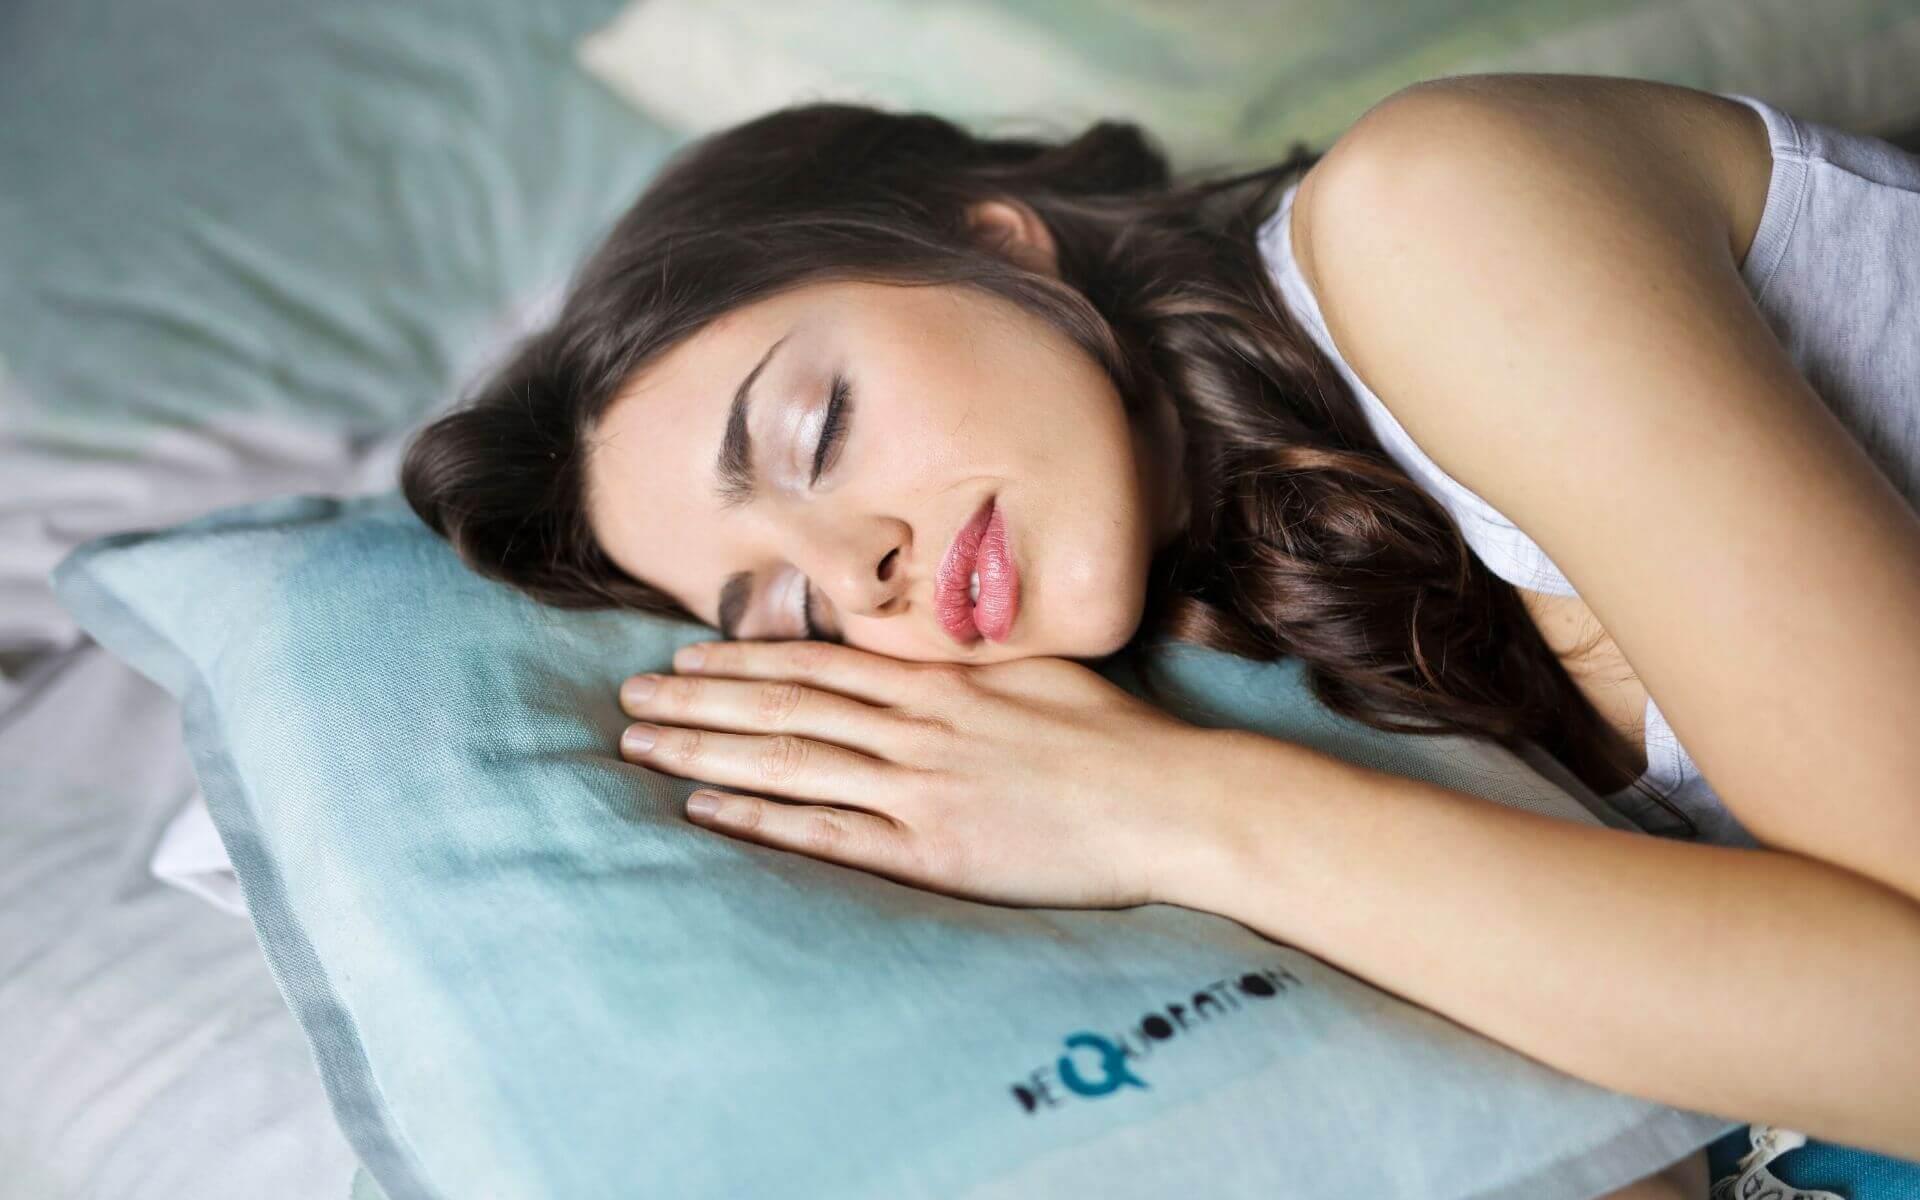 21 Gute Nacht Sprüche für deinen Lieblingsmenschen